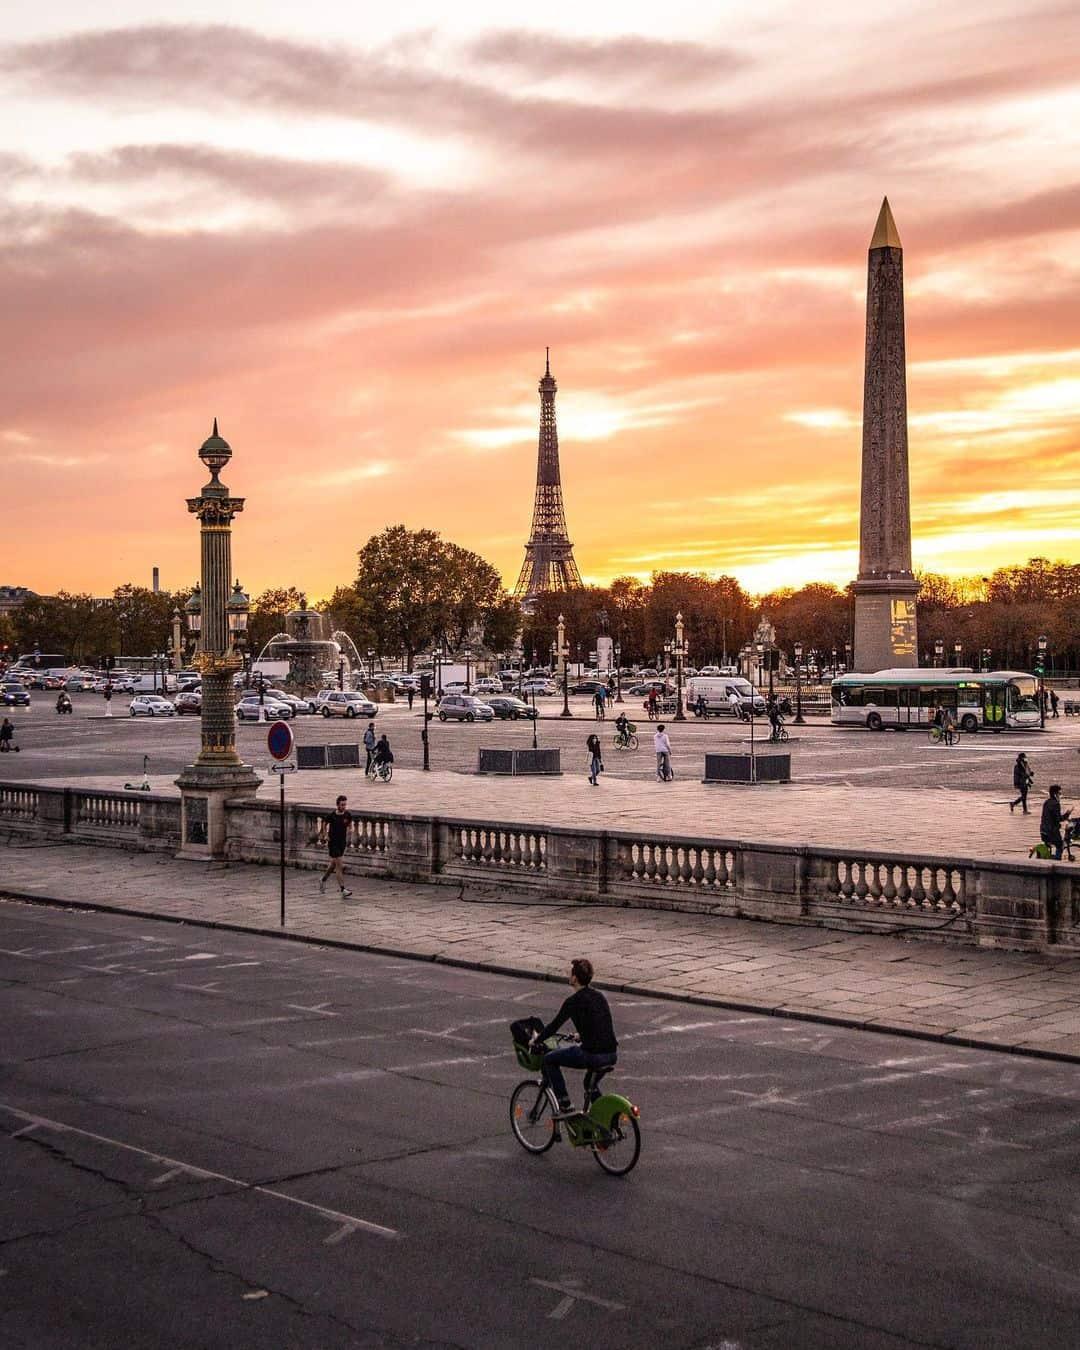 sunset in paris at concord paris blog